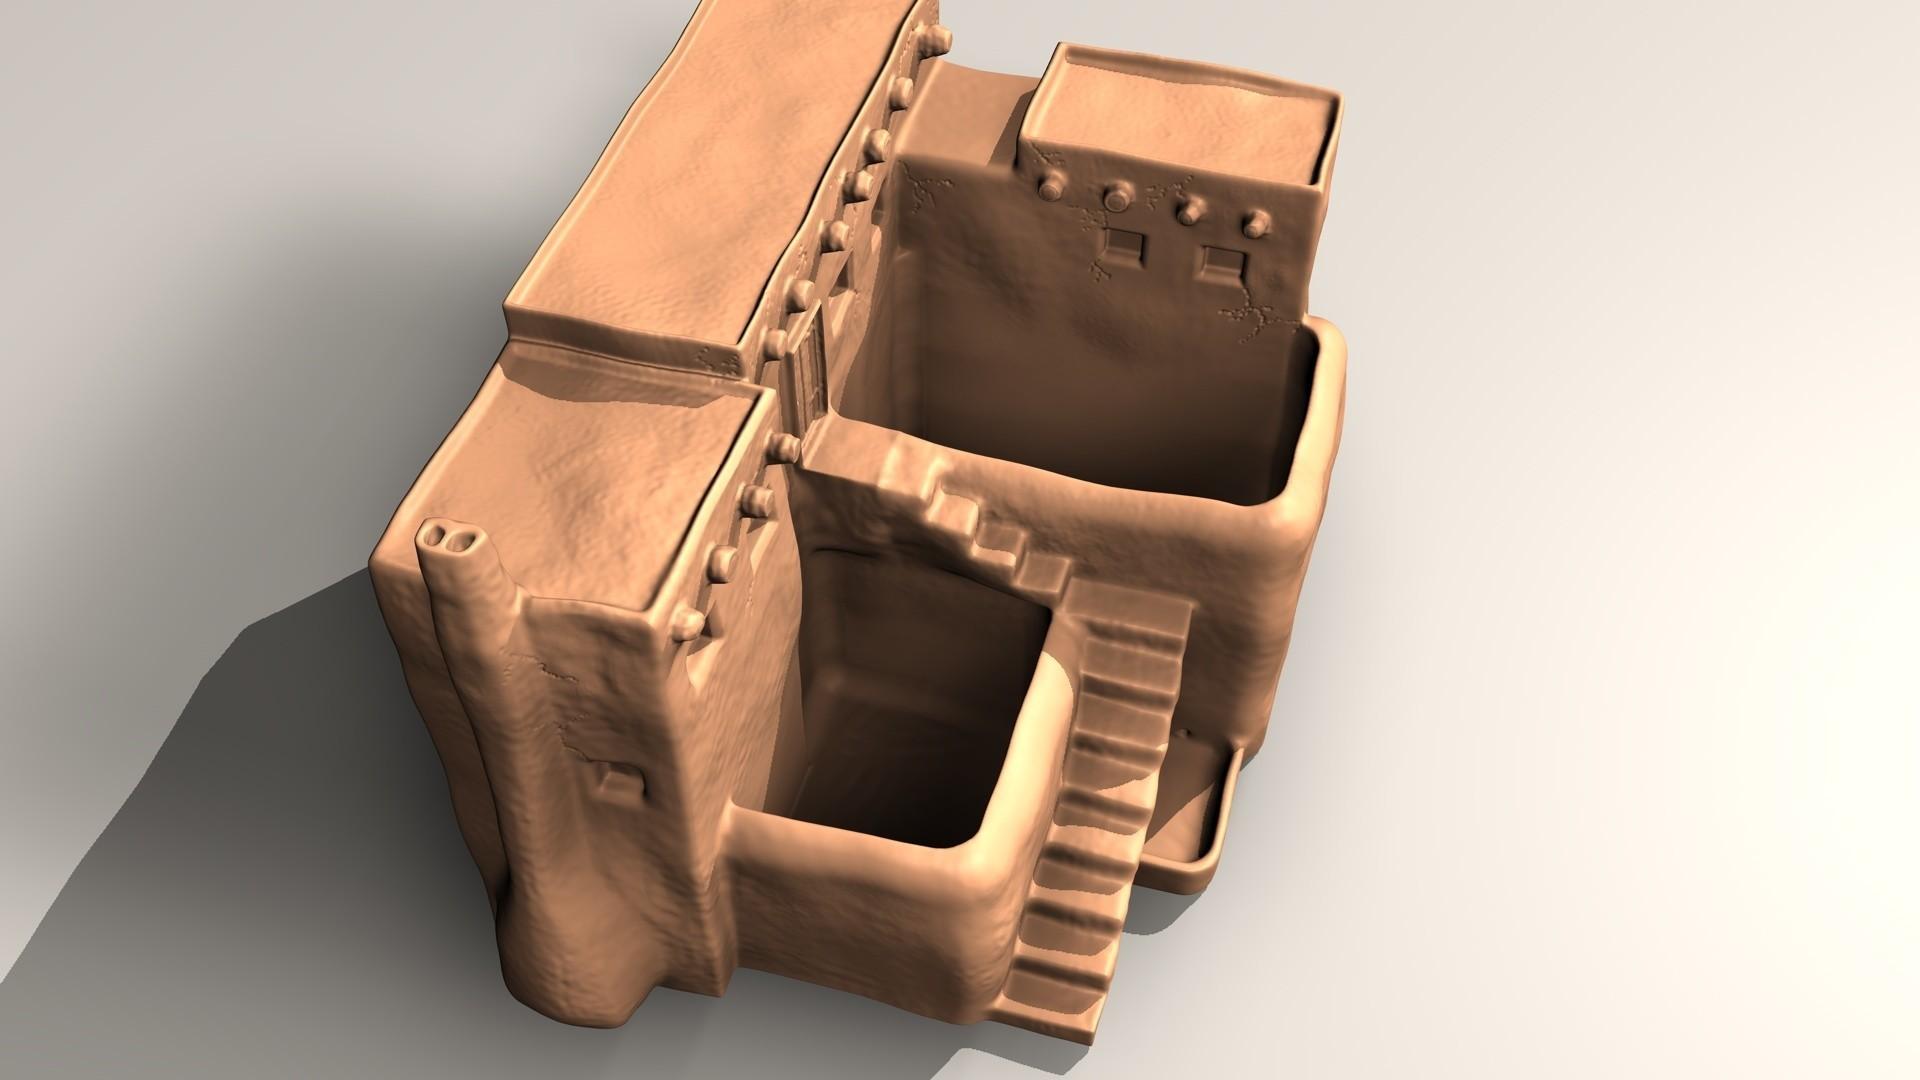 pueblo-B.jpg Download STL file Pueblo desk pot • 3D printer model, pumpkinhead3d